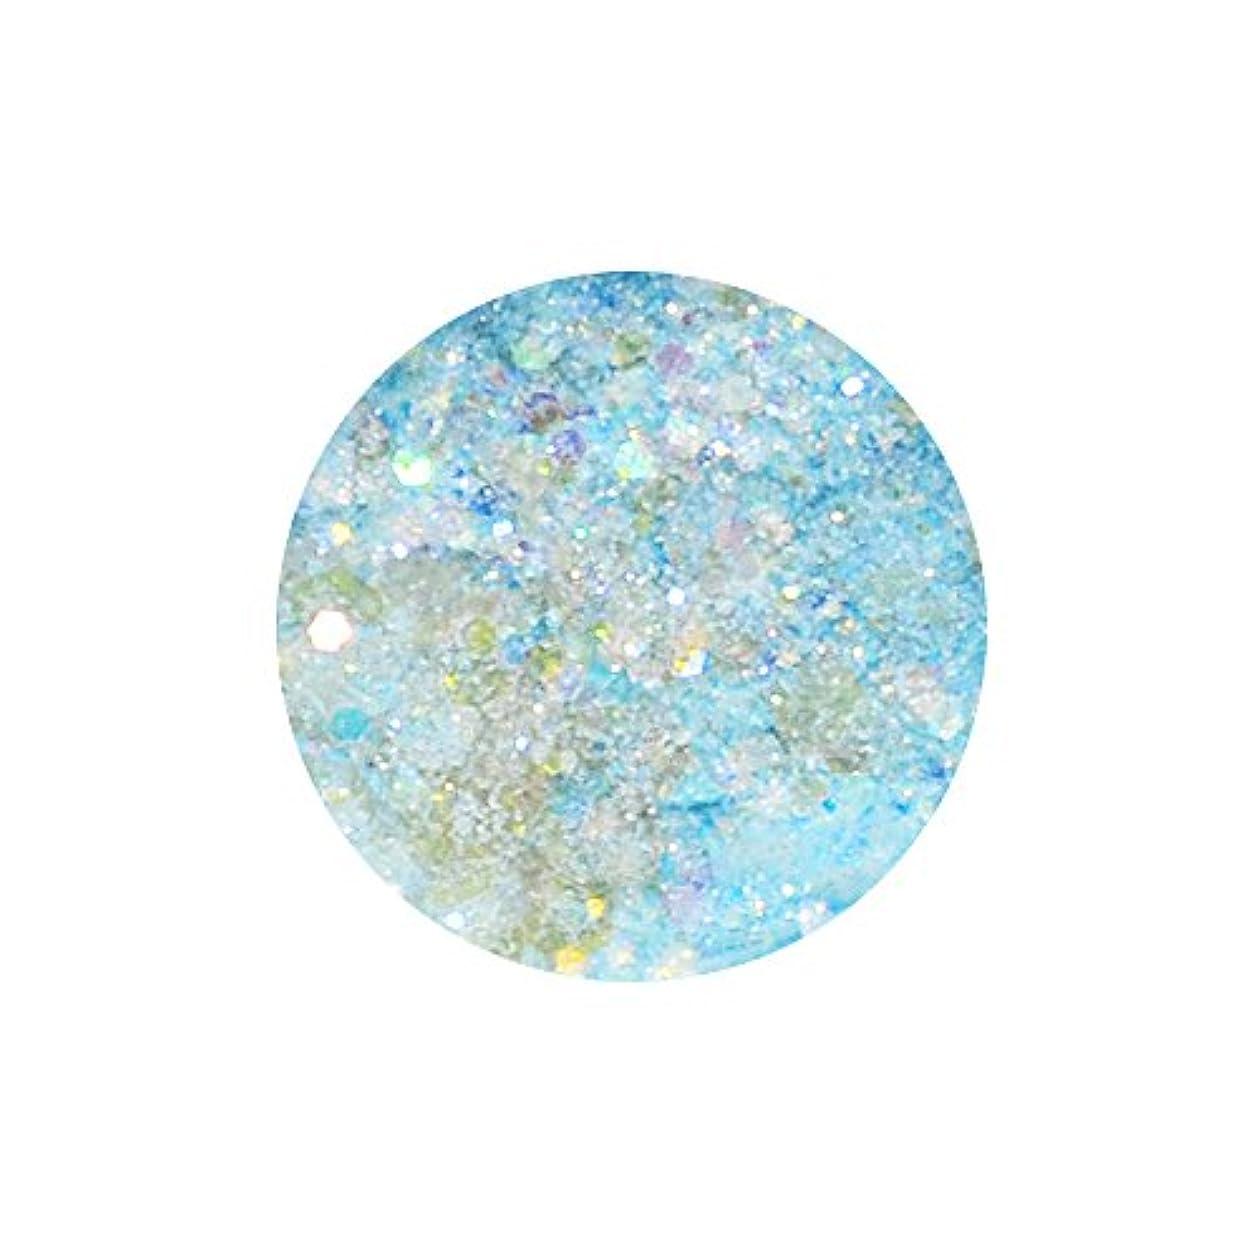 抑圧者イーウェル試みるirogel イロジェル 超微粒子マジカルグリッター + ホログラム 【アクアブルーMIX】